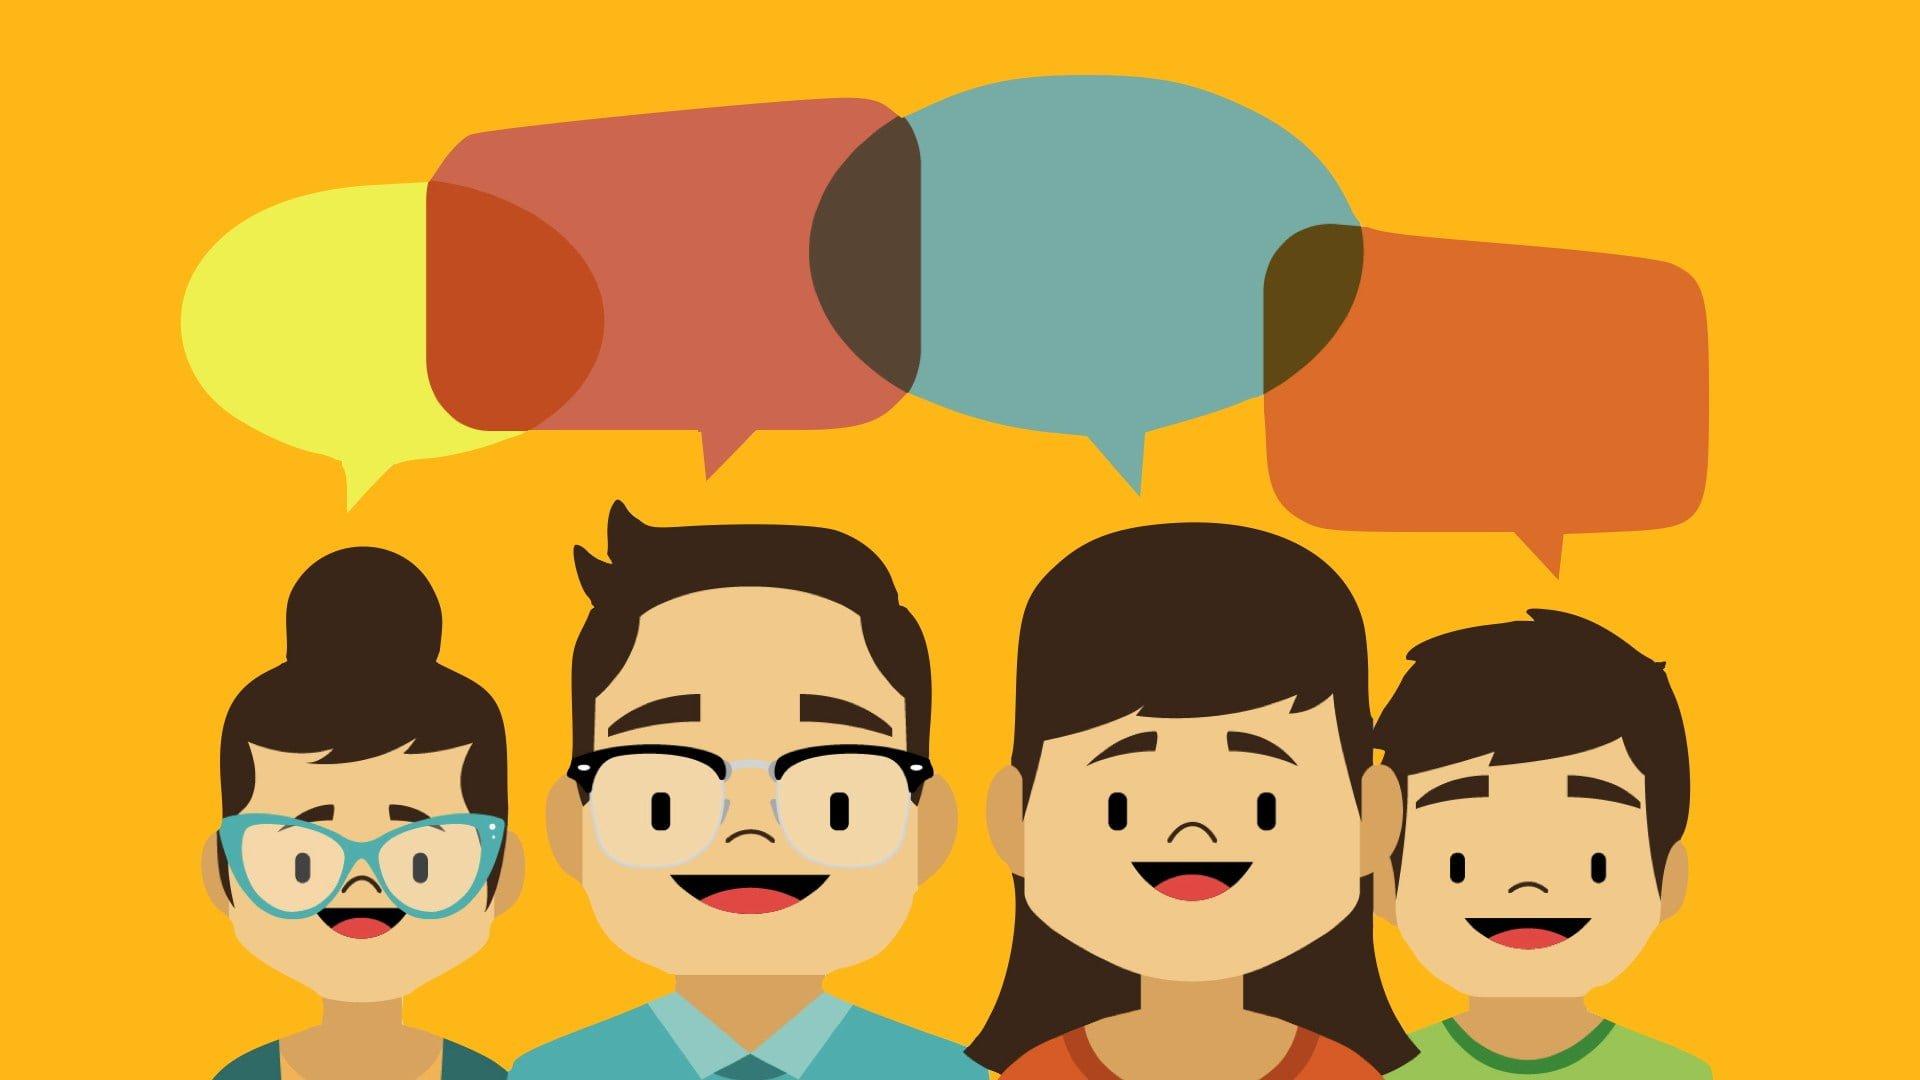 دیالوگهای کوتاه سری اول – مکالمات روزمره با دوستان